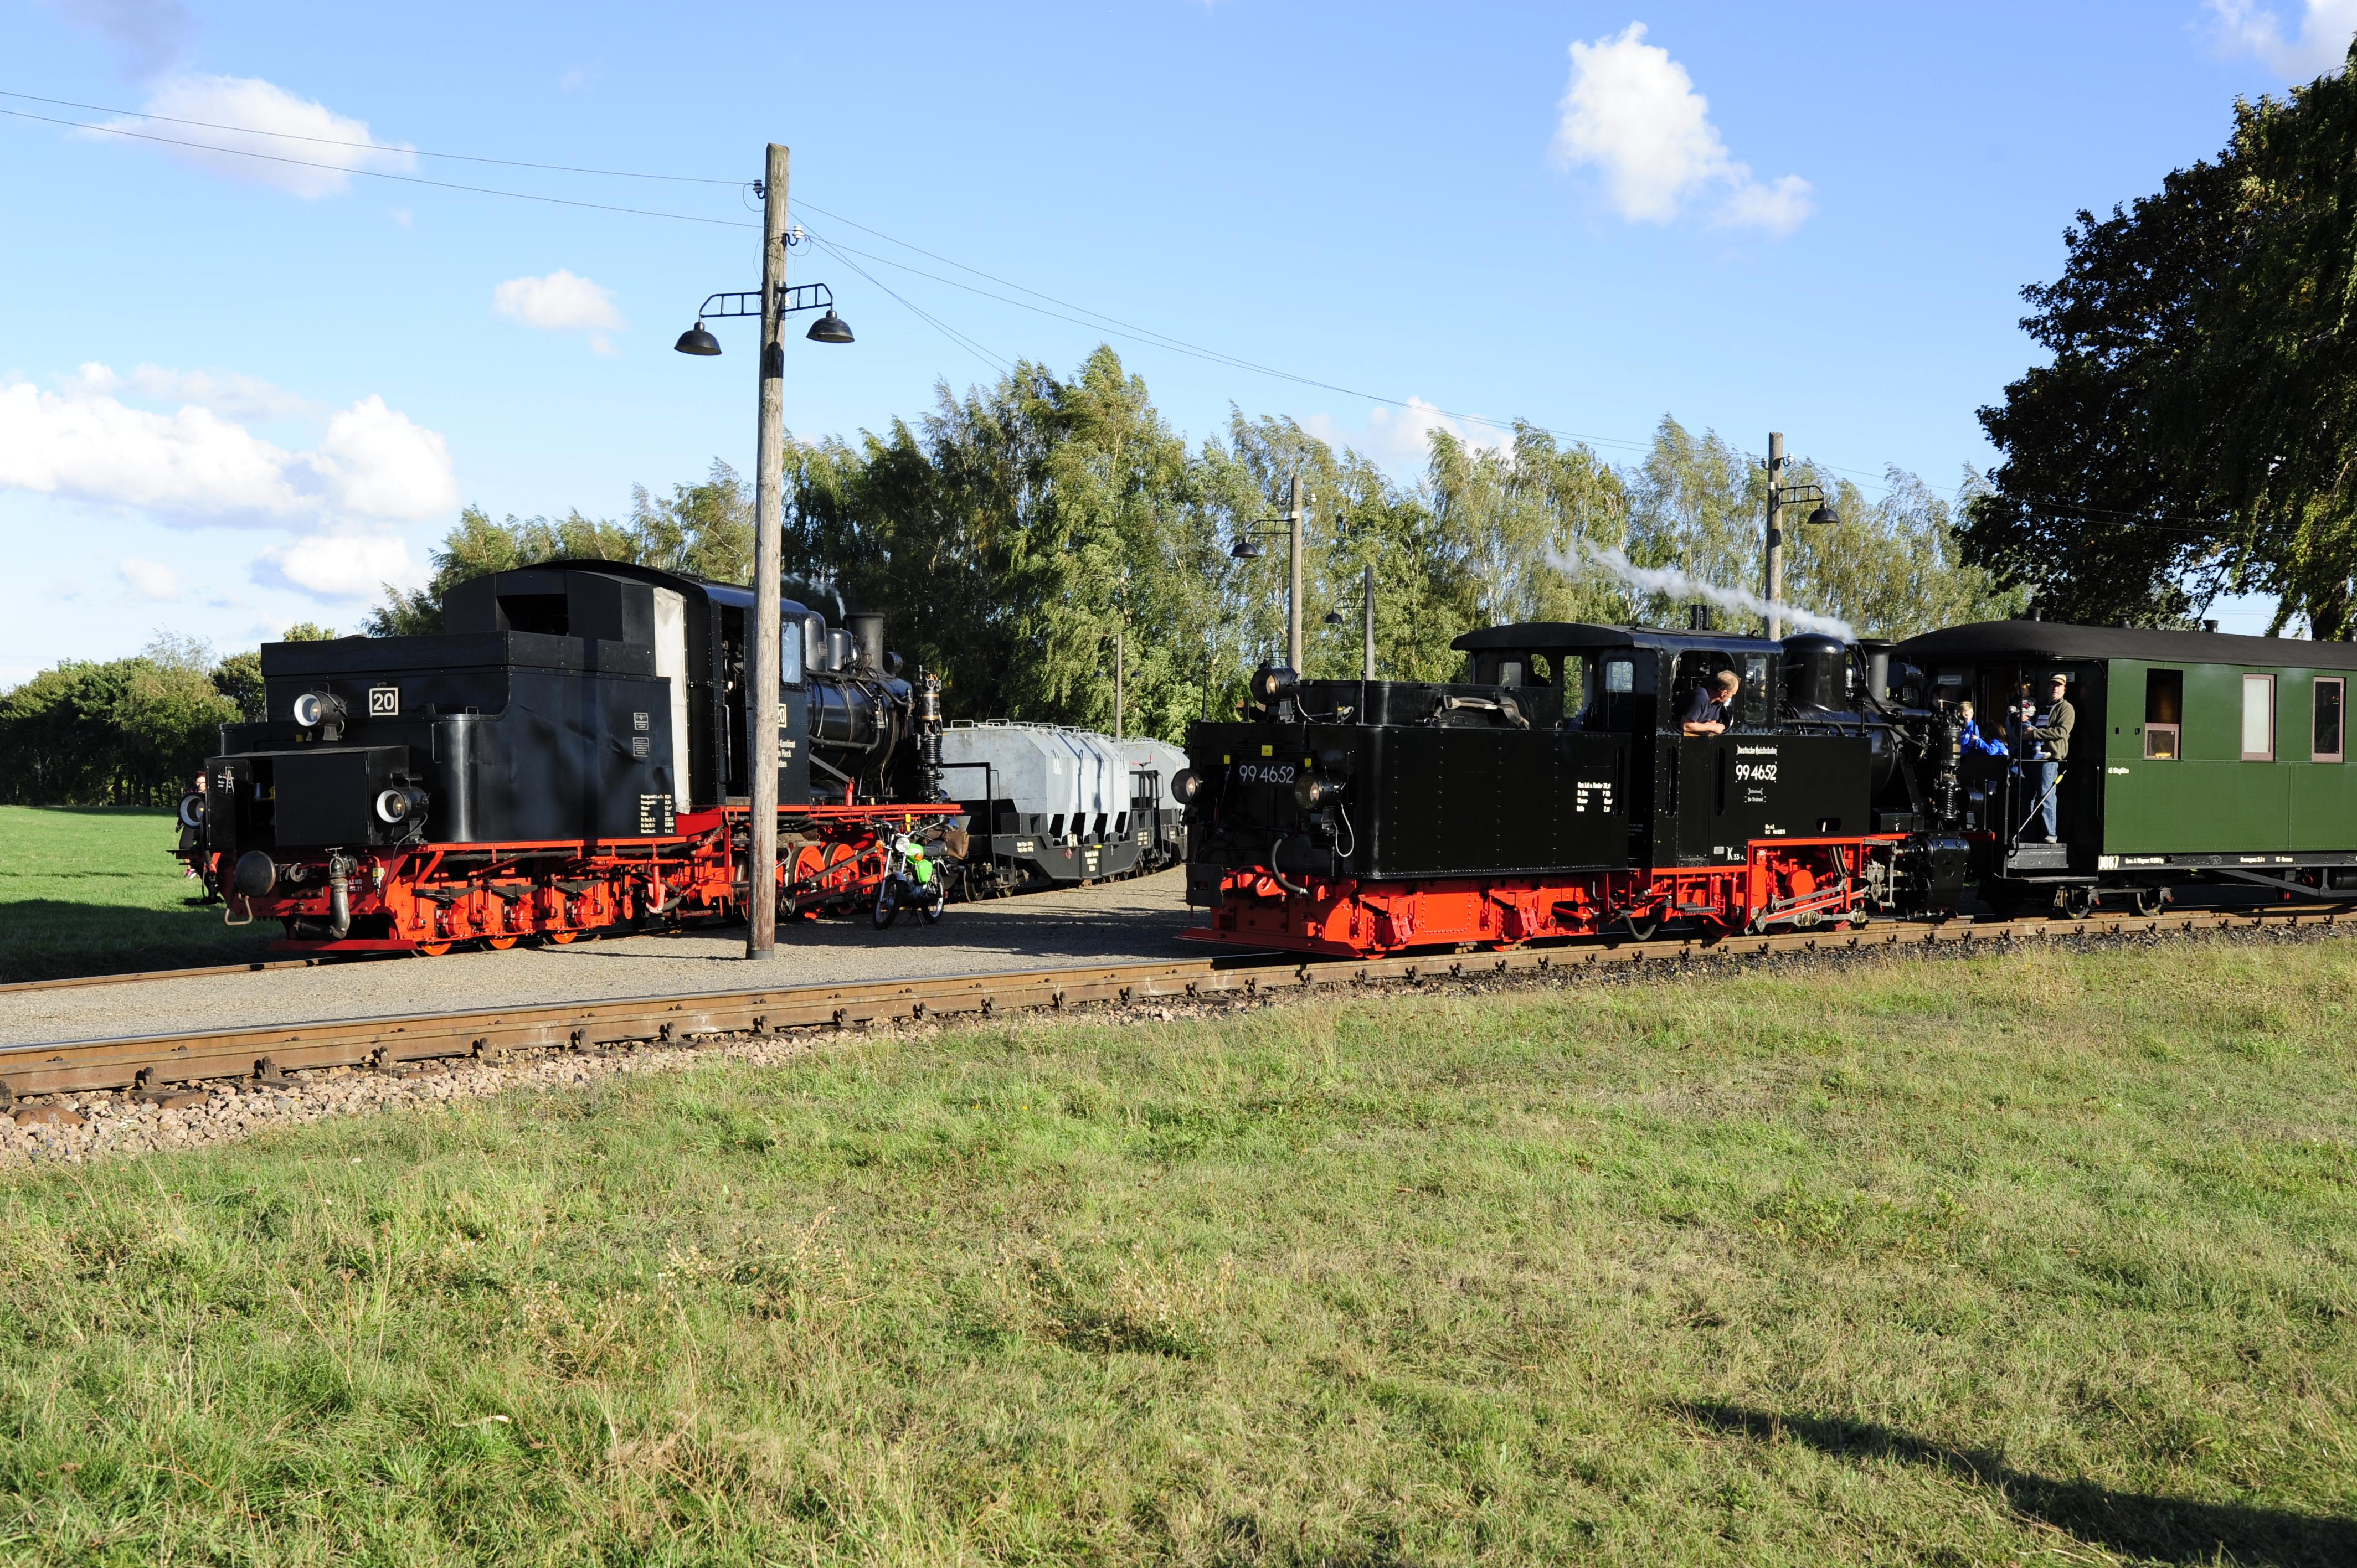 Lok 20 der Bergwerksbahn und 99 4652 als Gastlok von der Insel Rügen am 30.09.2016 am Gleisdreick in Siersleben (c) Joachim Volkhardt